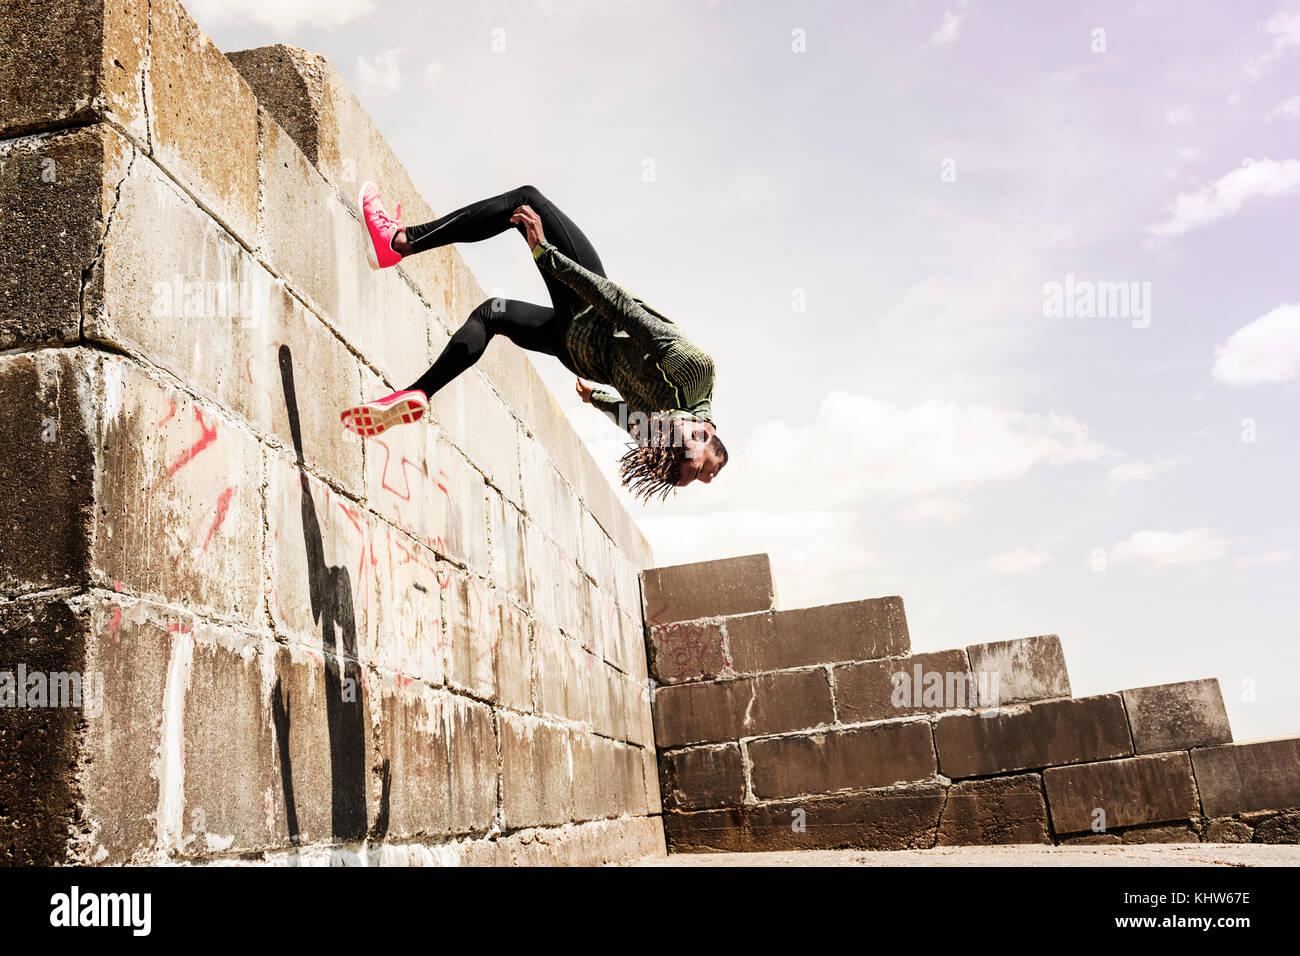 Jeune homme, un fonctionnement libre, en plein air, d'un côté de mur somersaulting Banque D'Images